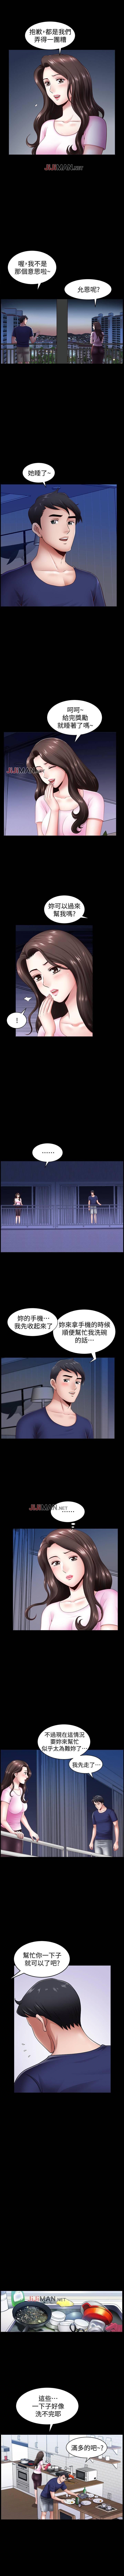 【周日连载】双妻生活(作者:skyso) 第1~23话 35